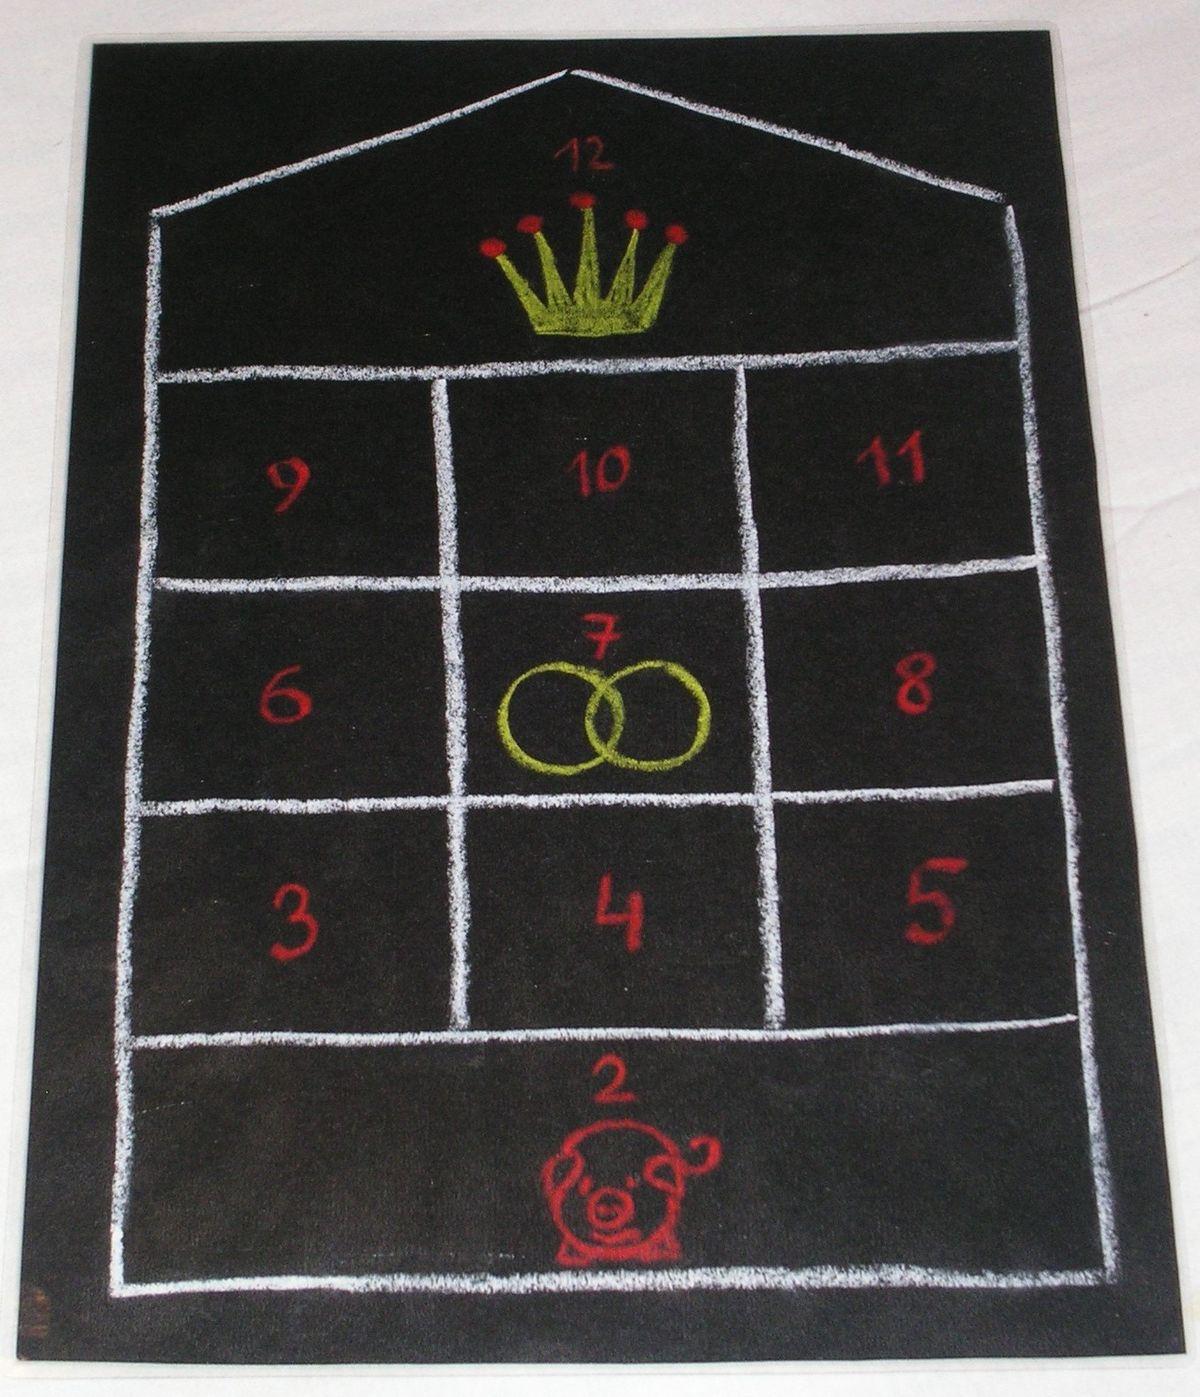 image regarding 10000 Dice Game Rules Printable known as Glückshaus - Wikipedia